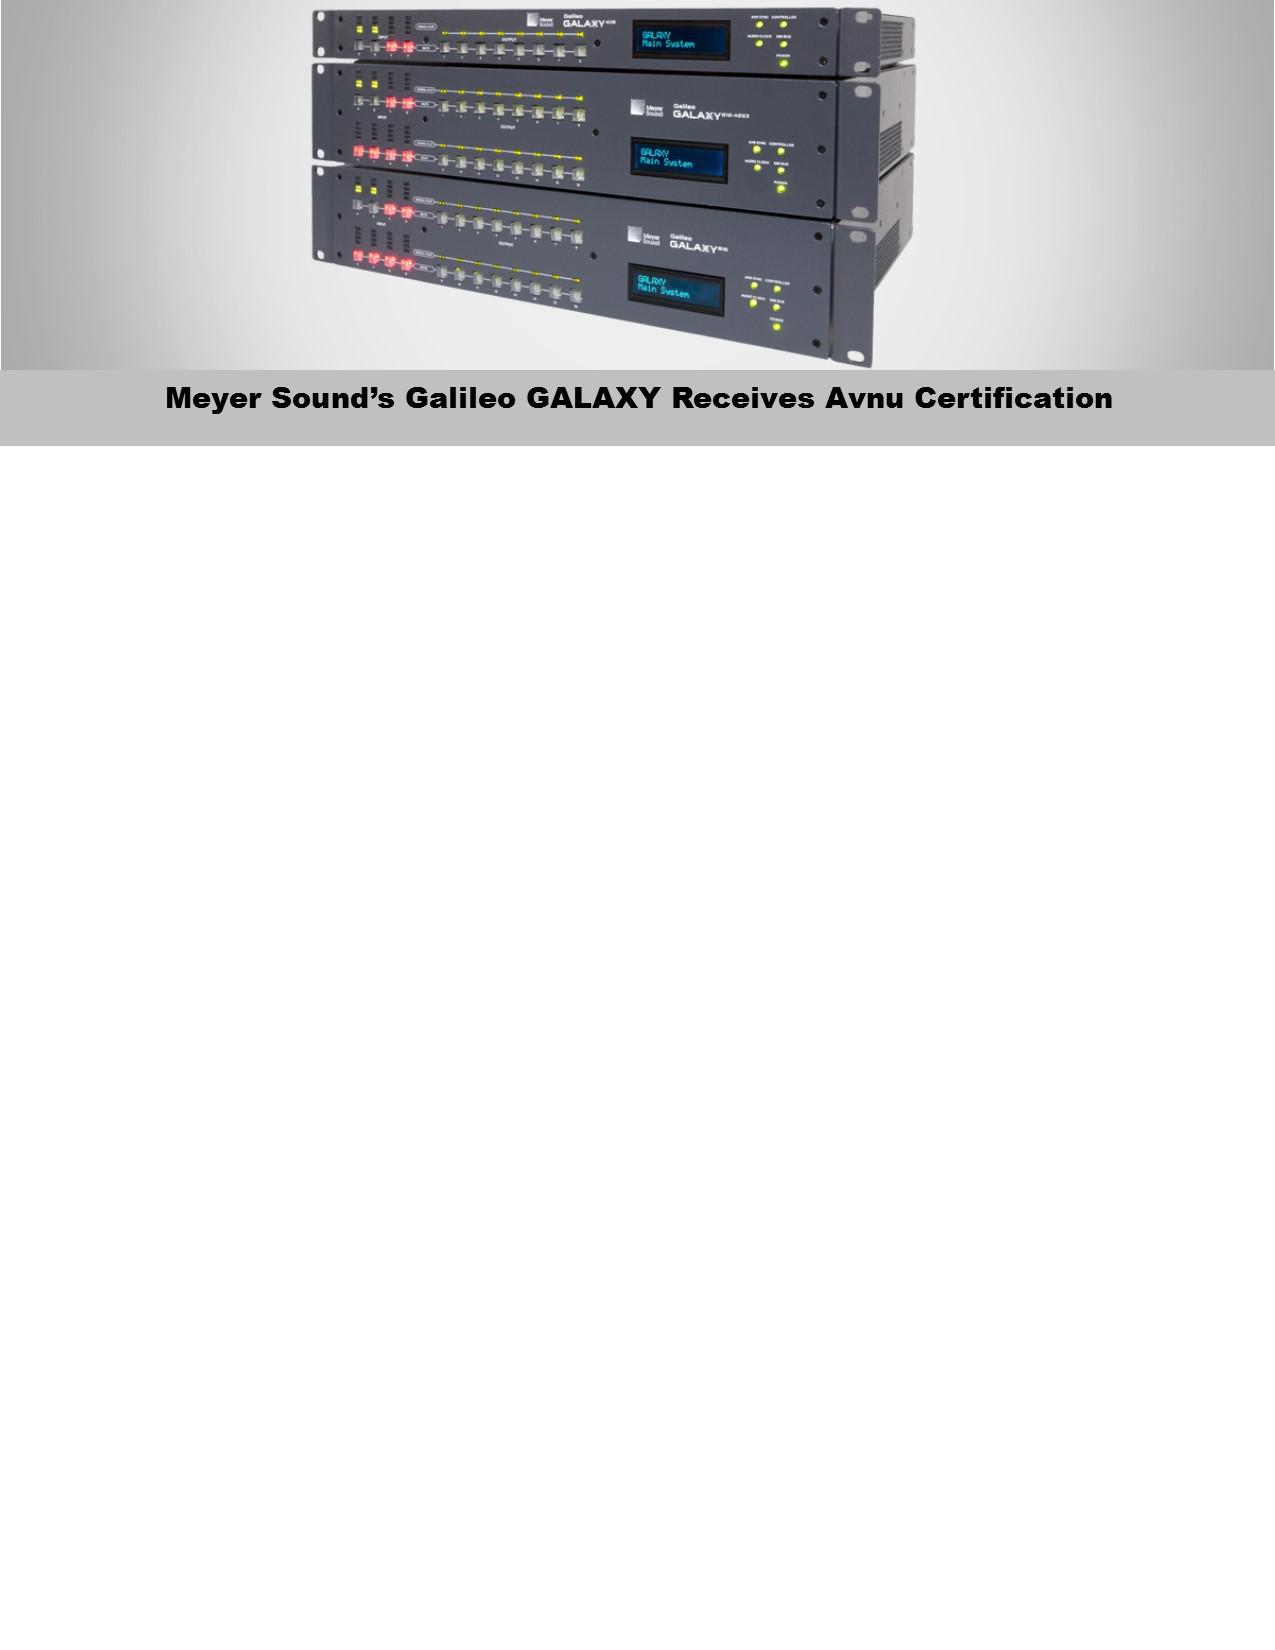 Galileo-GALAXY-1-1